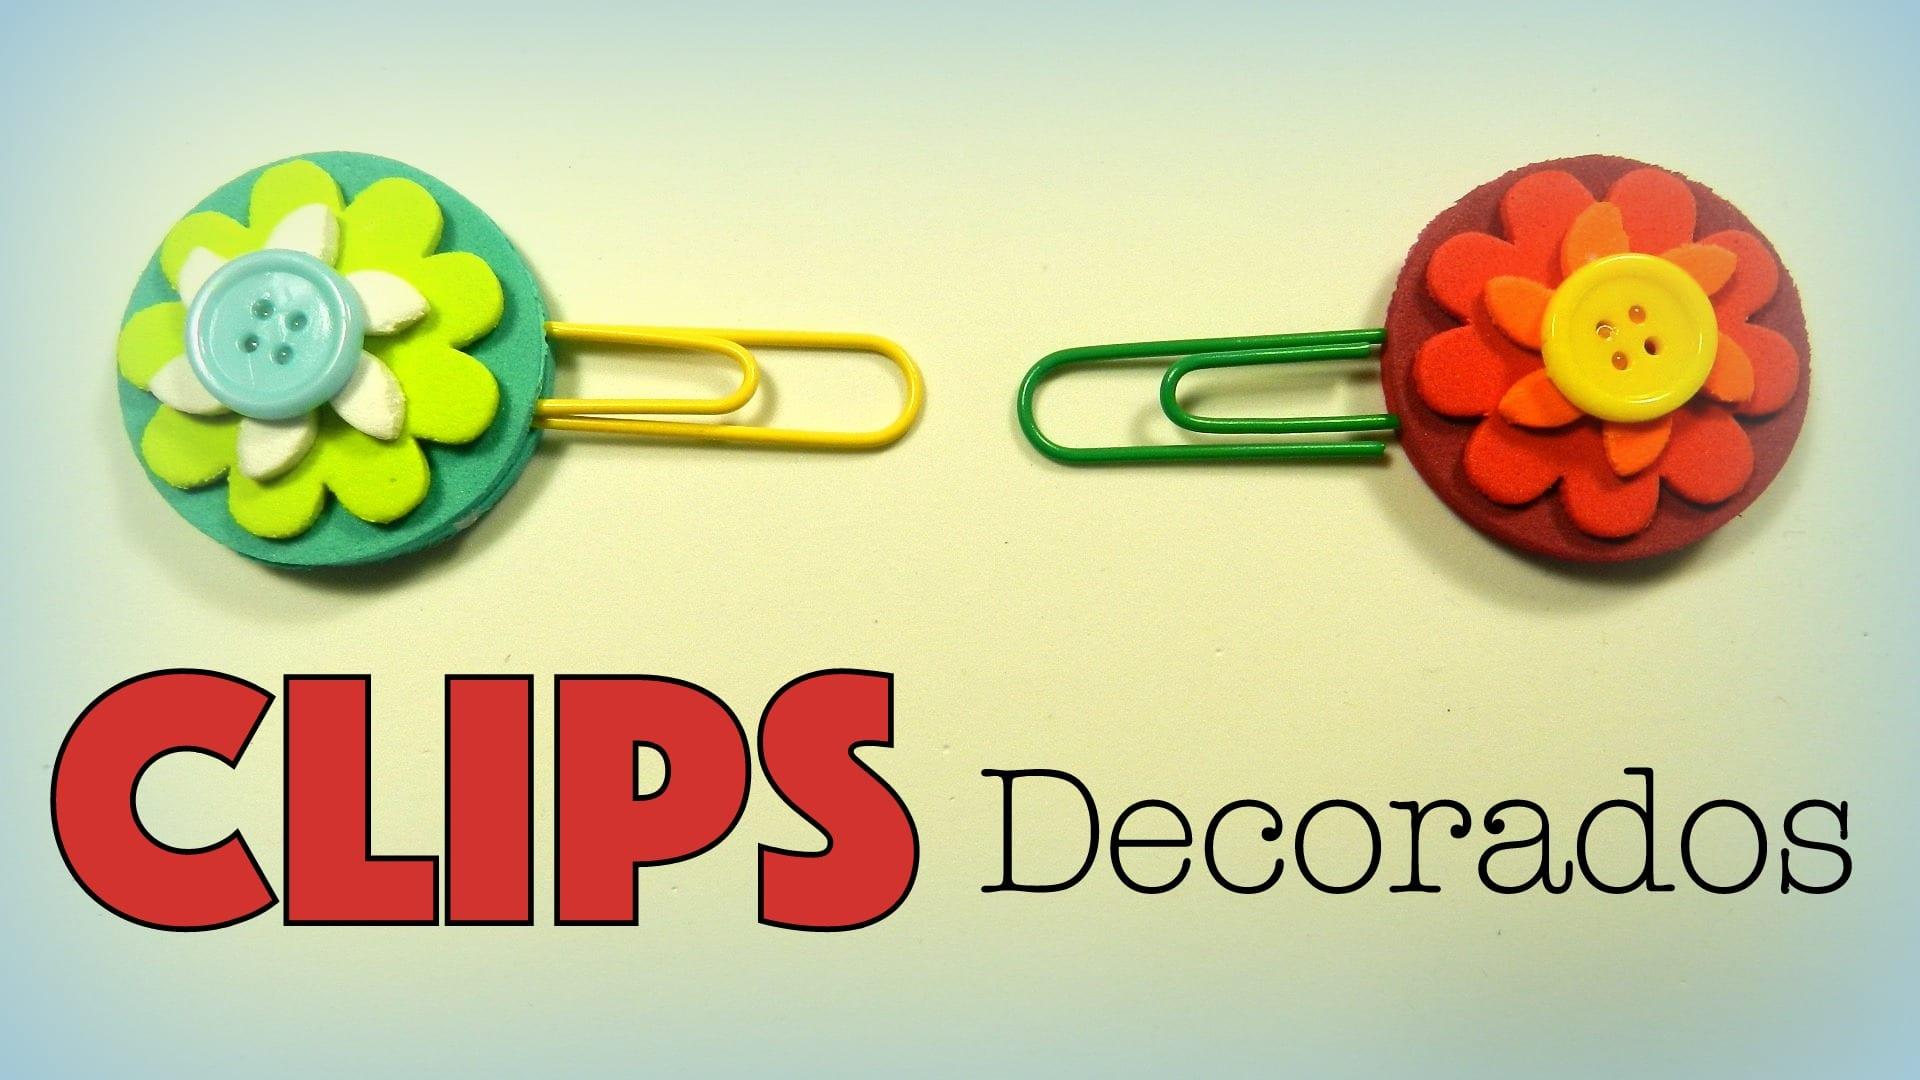 clips decorados